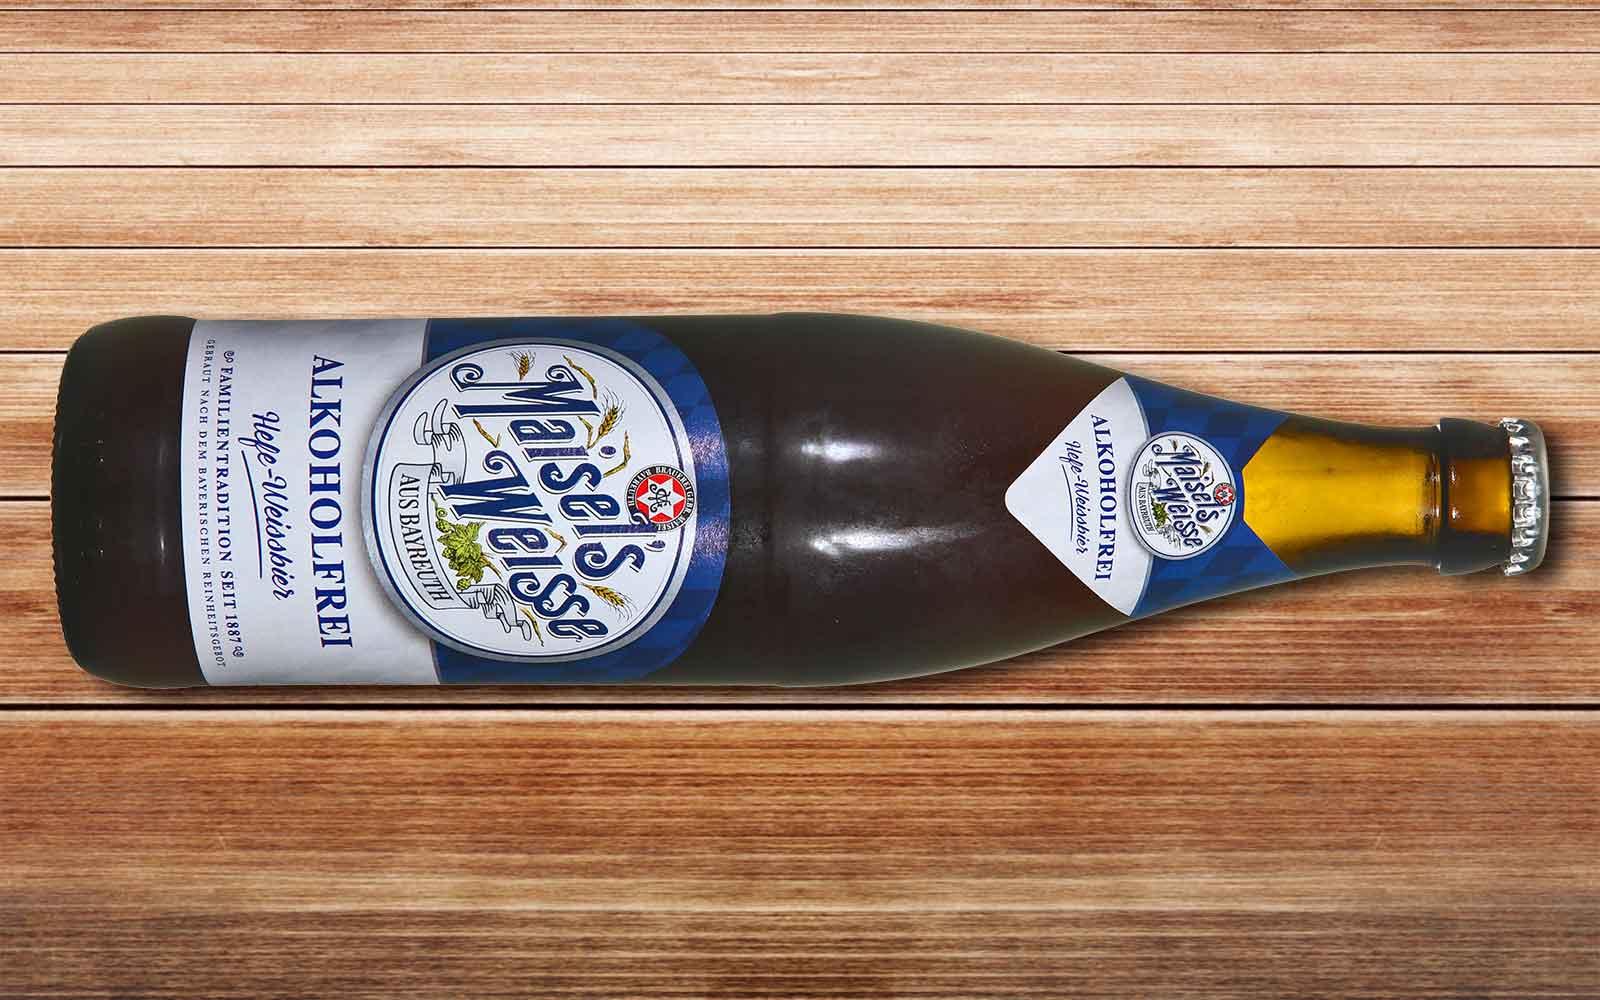 Maisels Weisse in der alkoholfreien Version